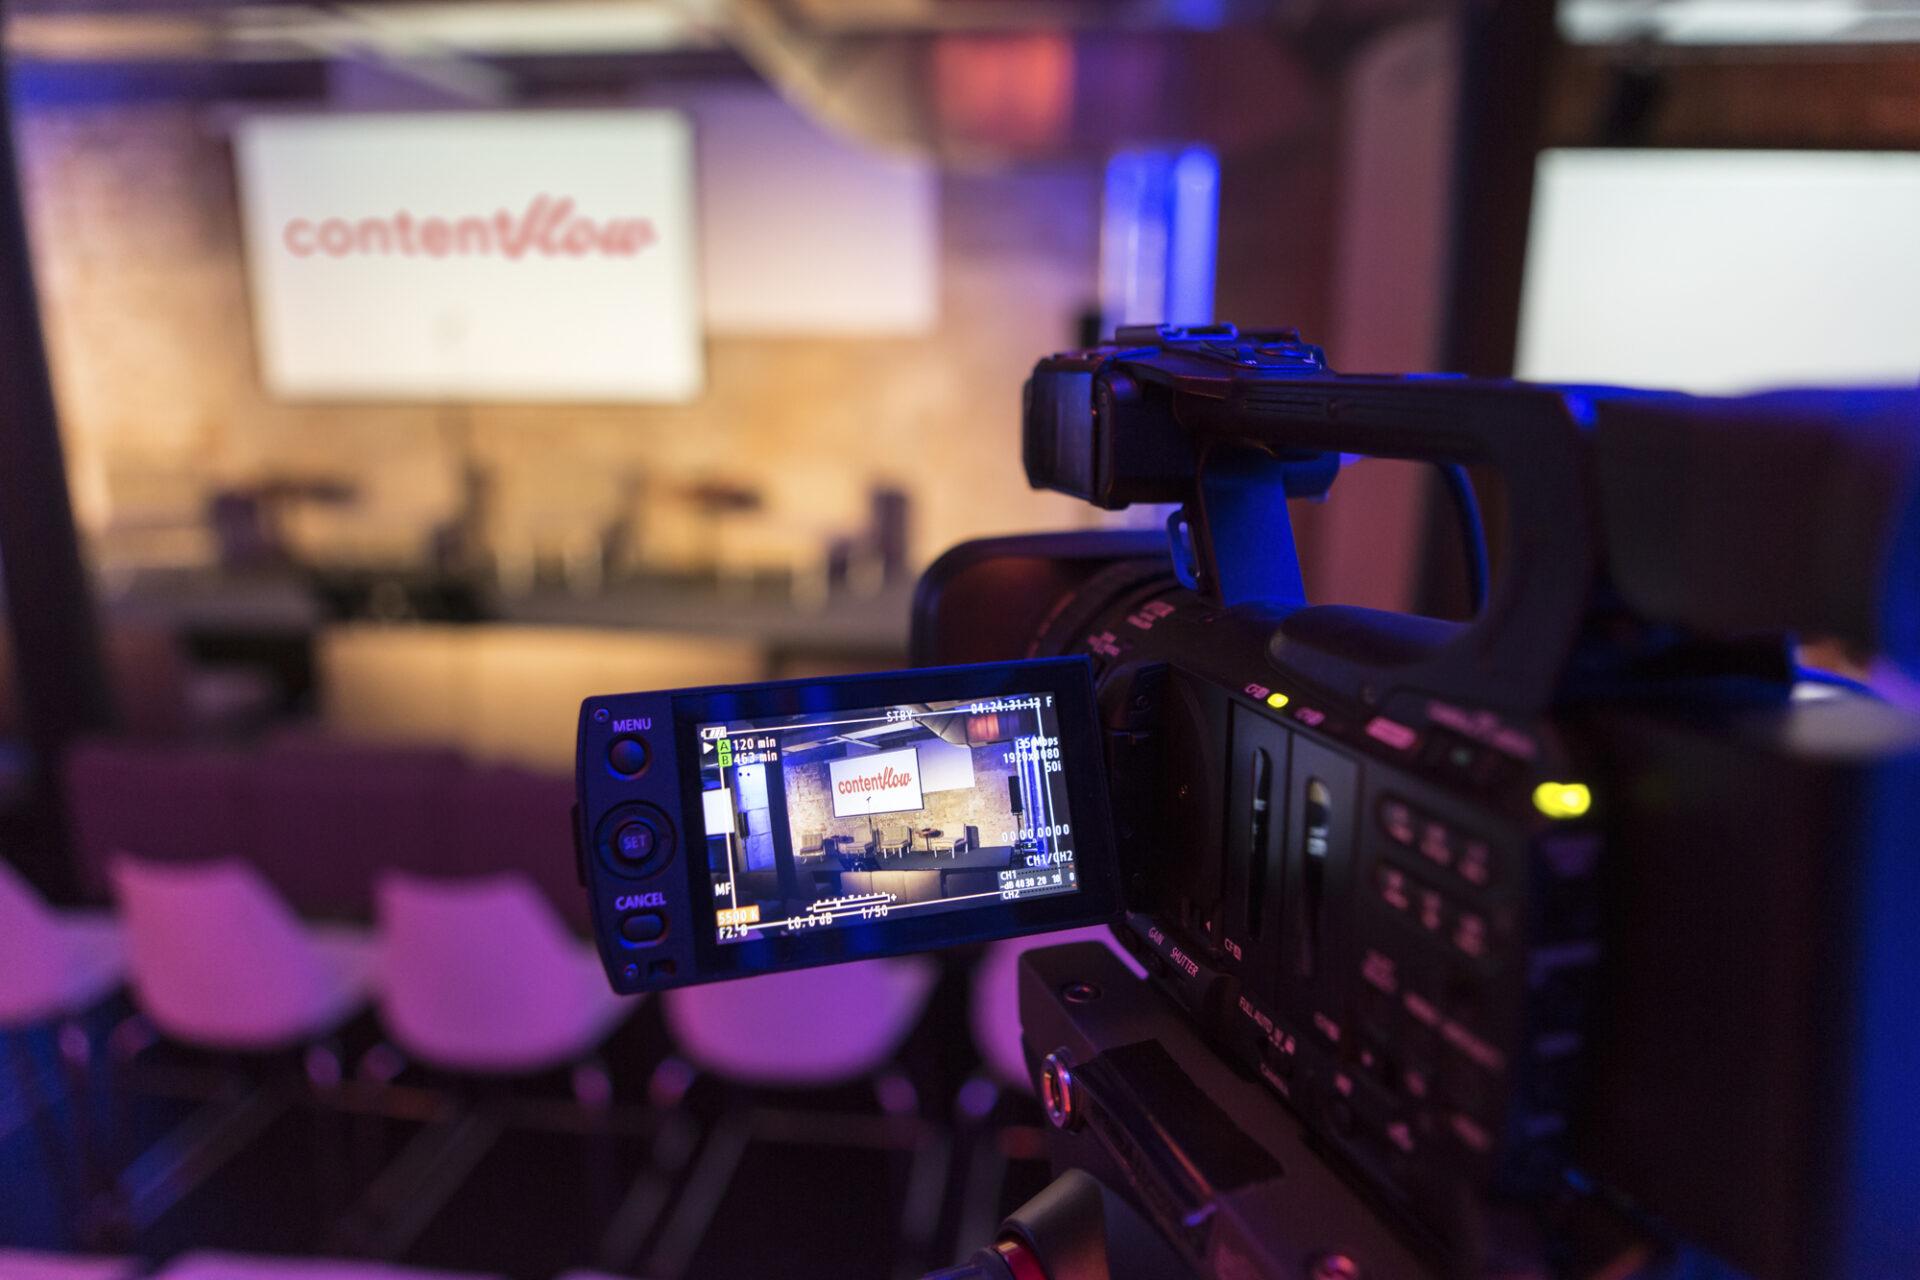 Neuer Trailer: Das ist Contentflow